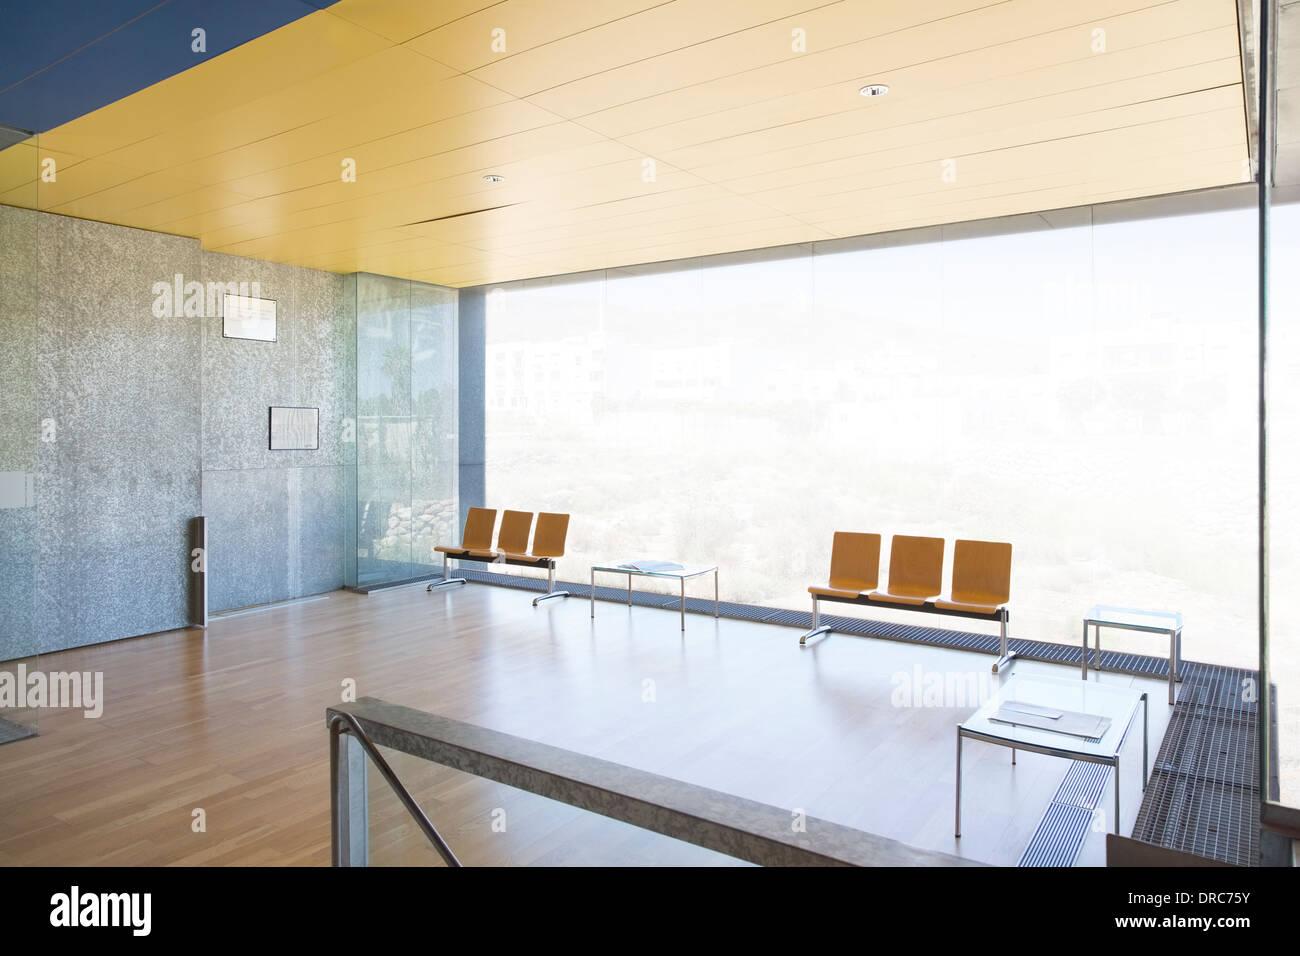 Chaises fenêtre dans le hall vide Photo Stock